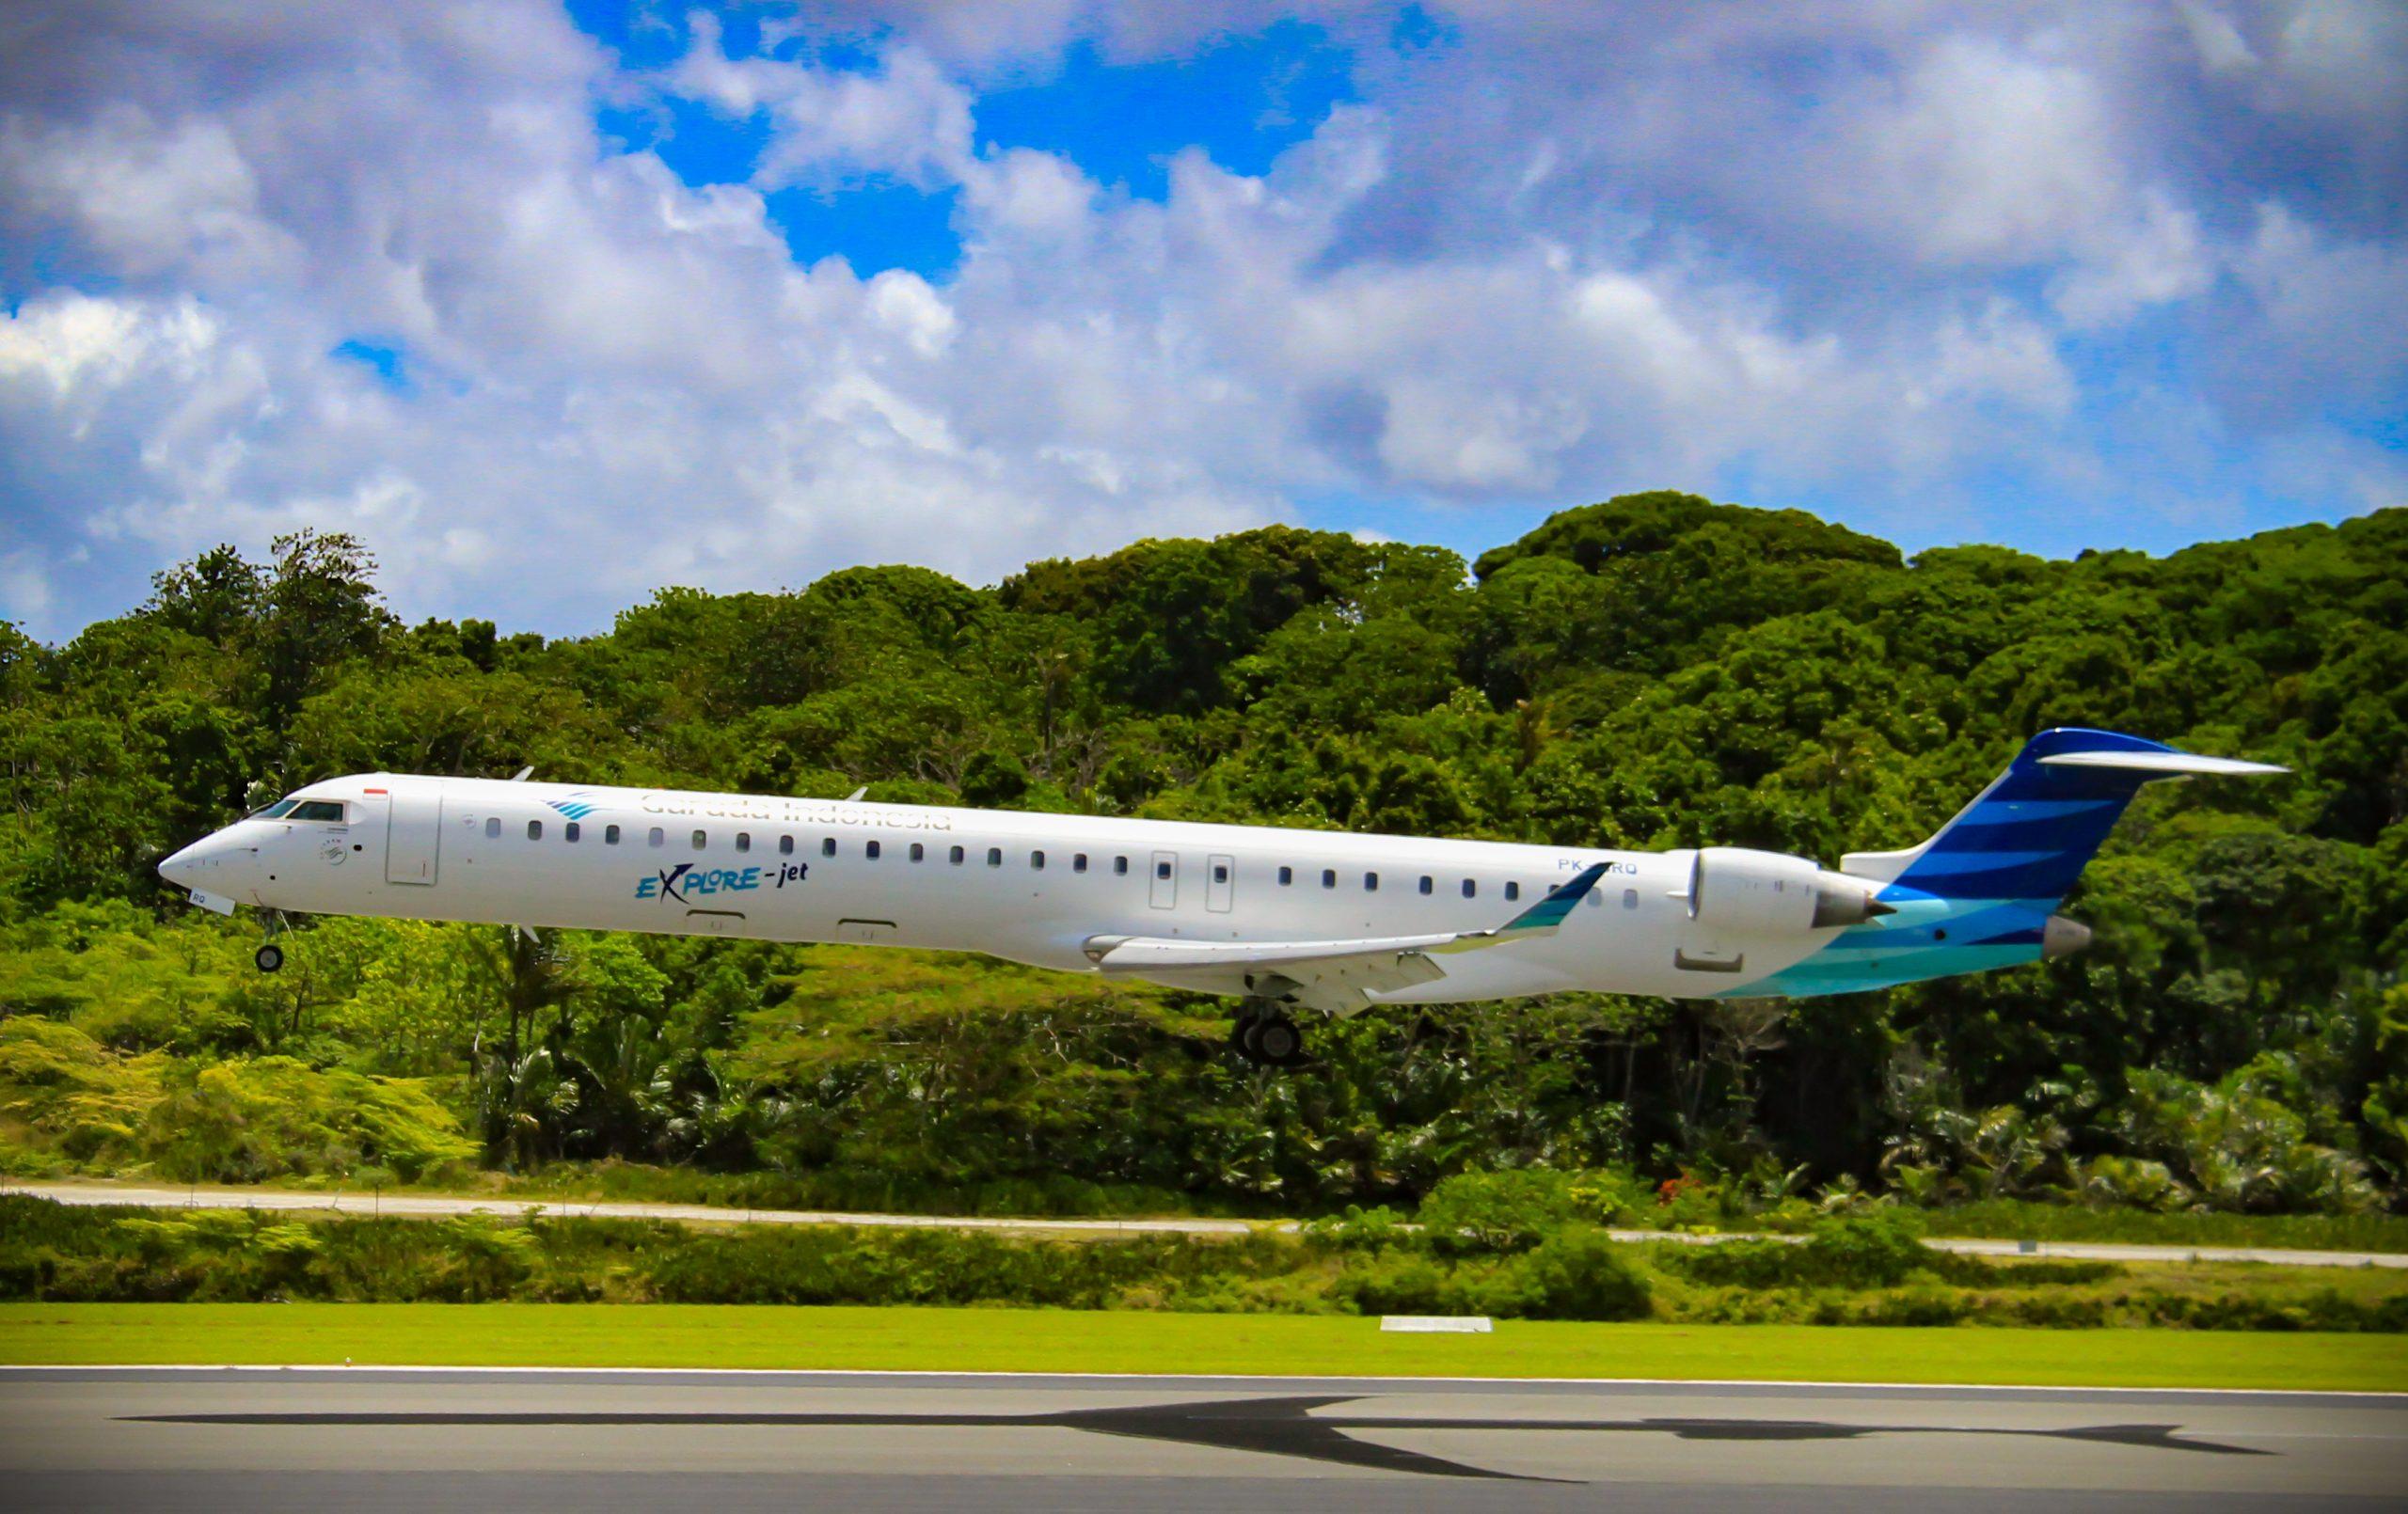 En Bombardier CRJ-1000 fra Garuda Indonesia. Foto: Paul McFarlane, CC 2.0